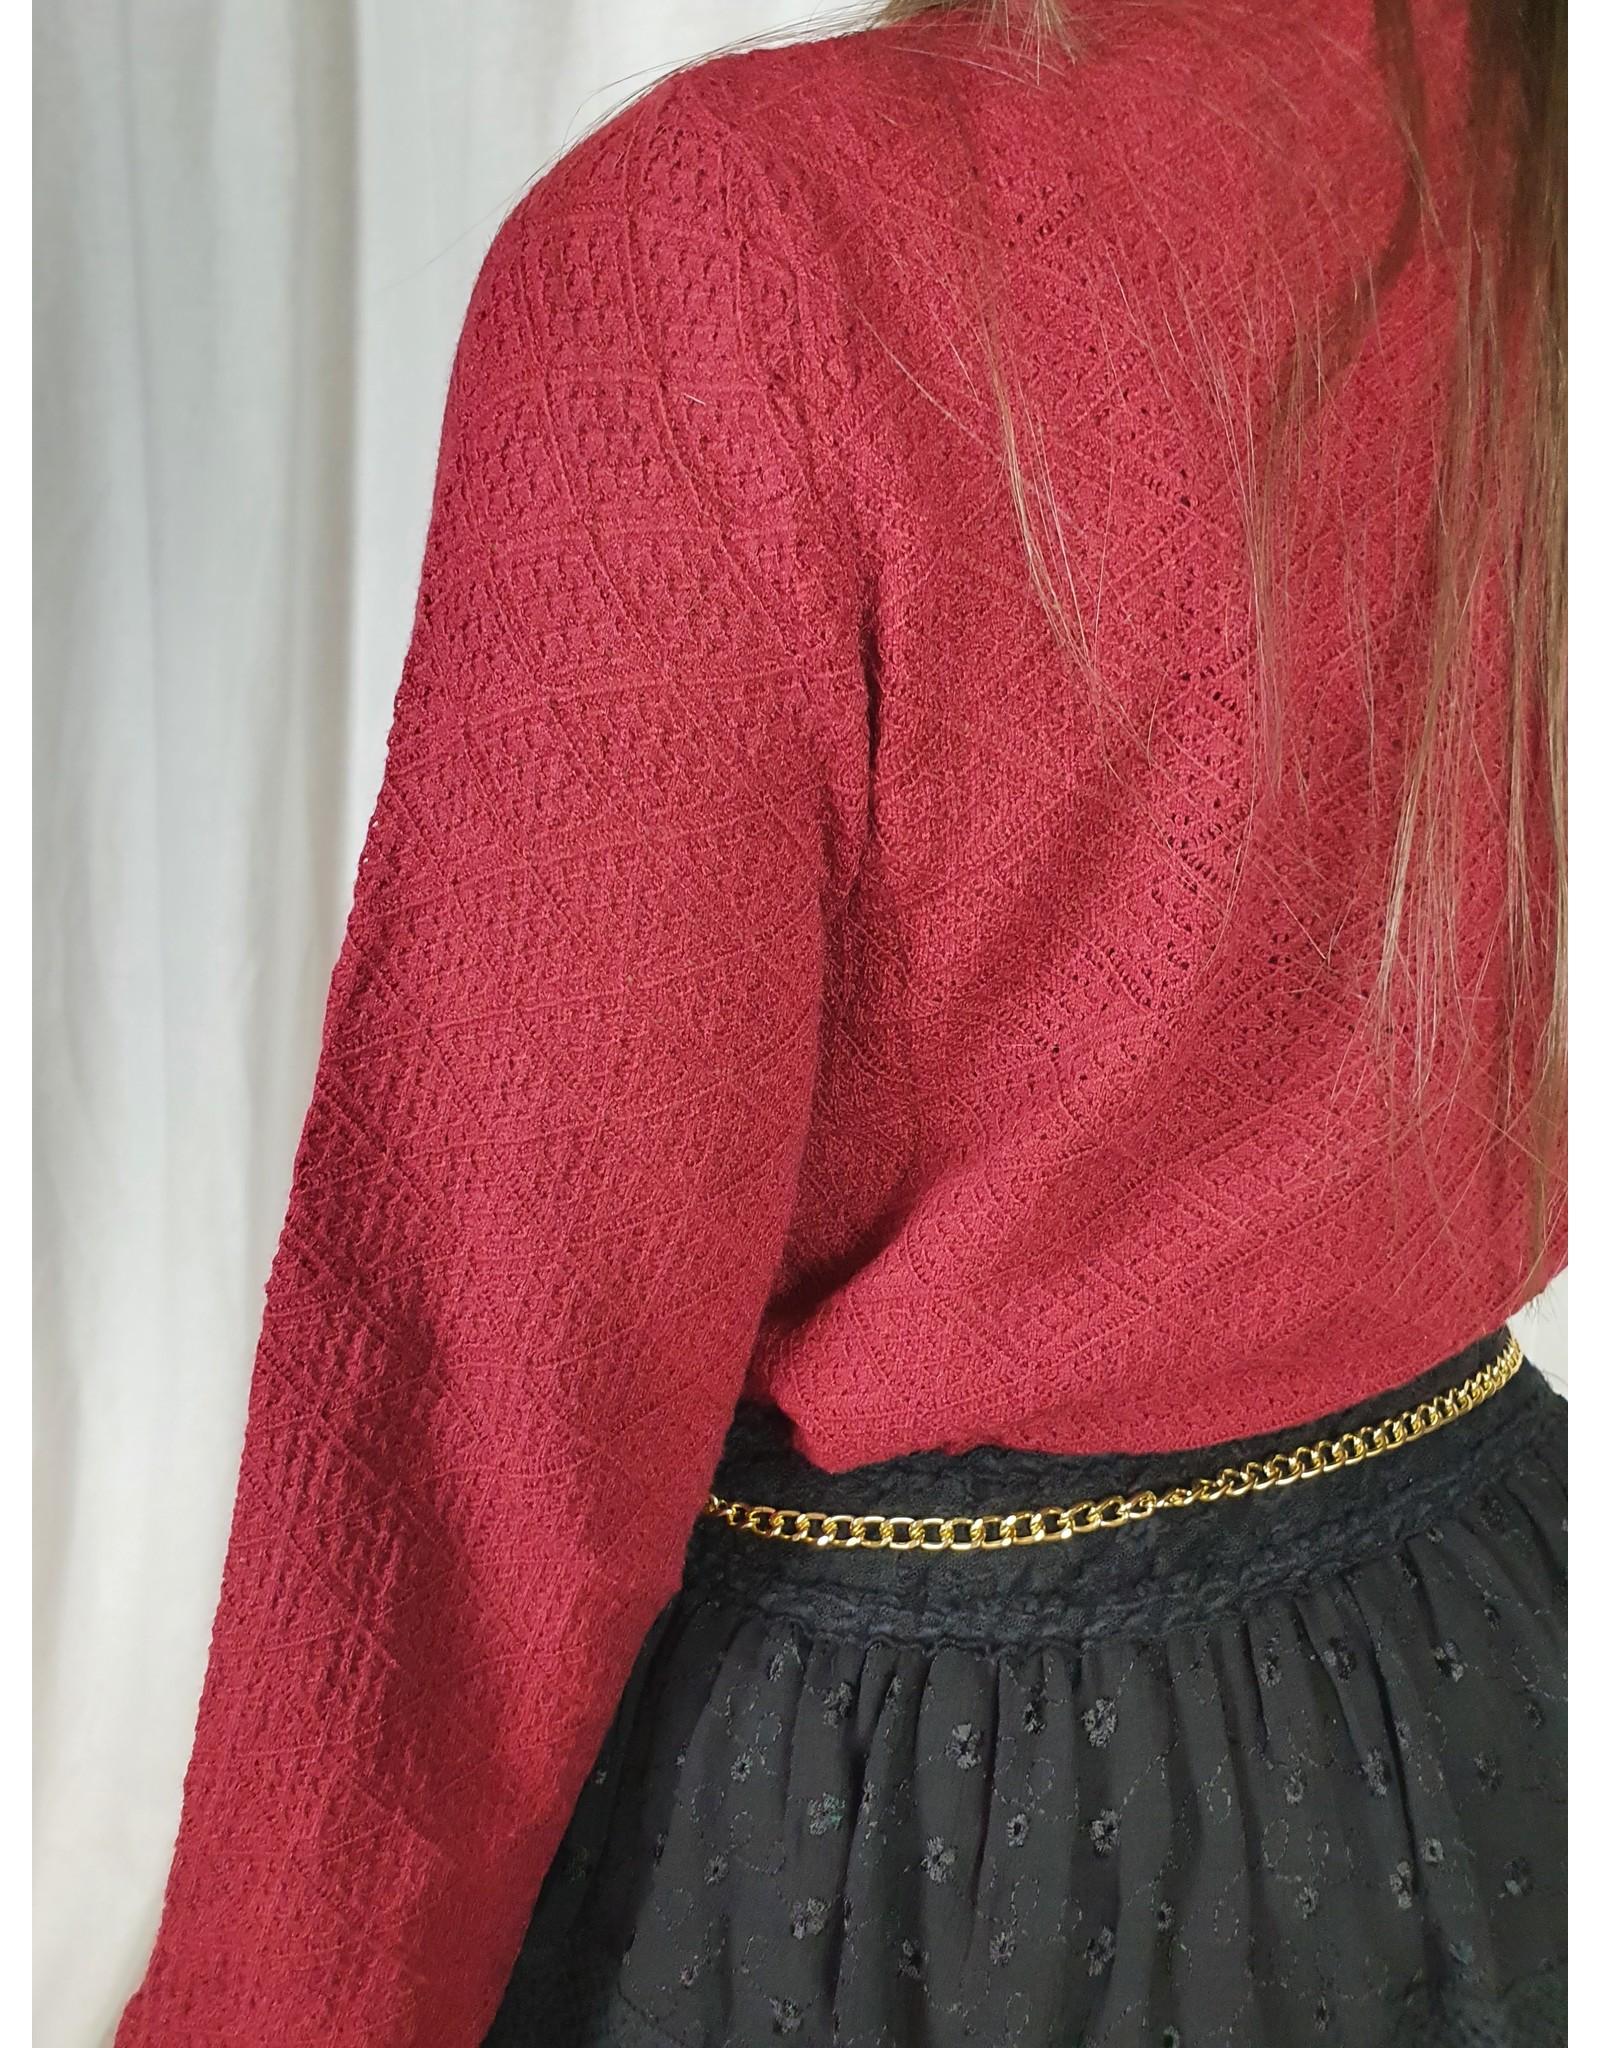 Ladybugs Rosiio knit RED